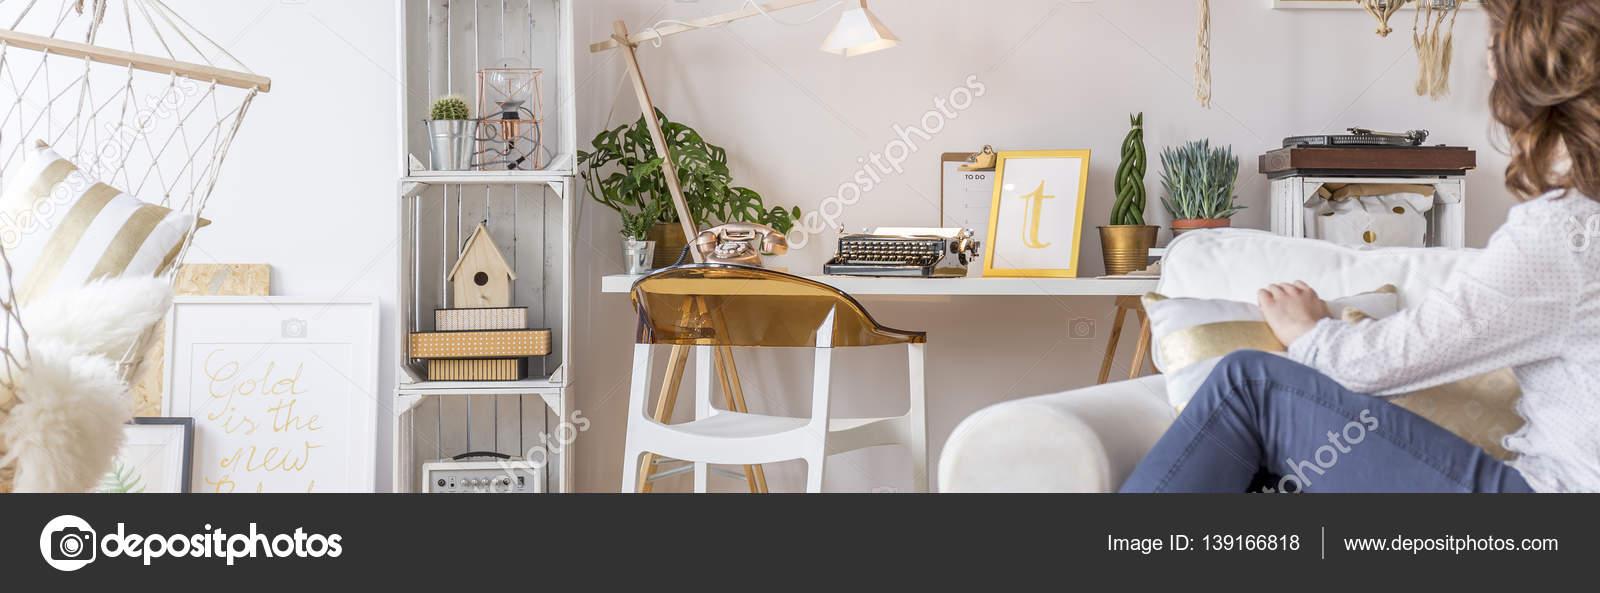 Wielofunkcyjny Pokój Z Hamak Zdjęcie Stockowe